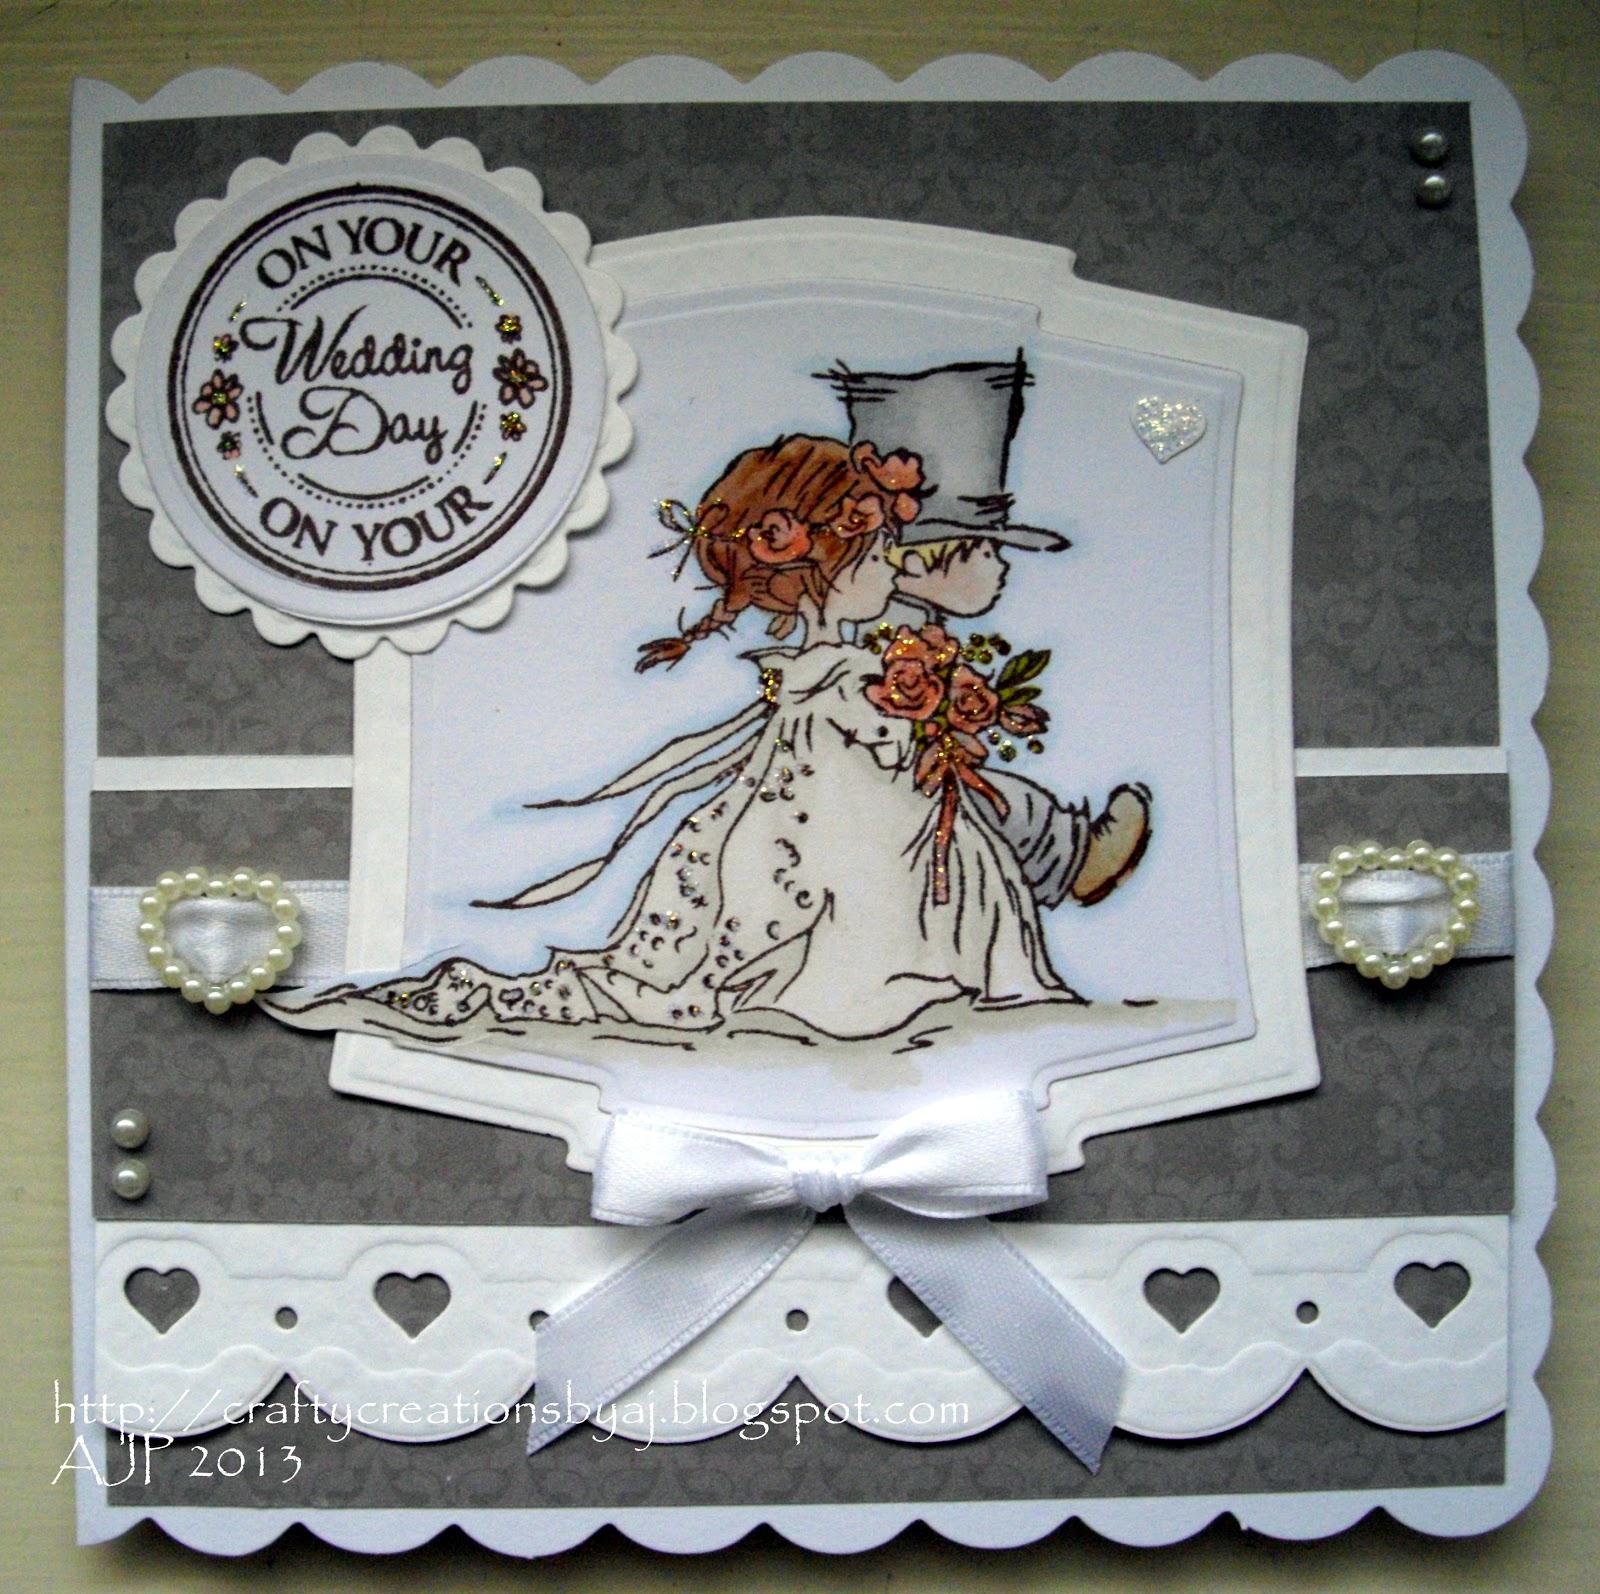 crafty creations by aj lotv wedding card